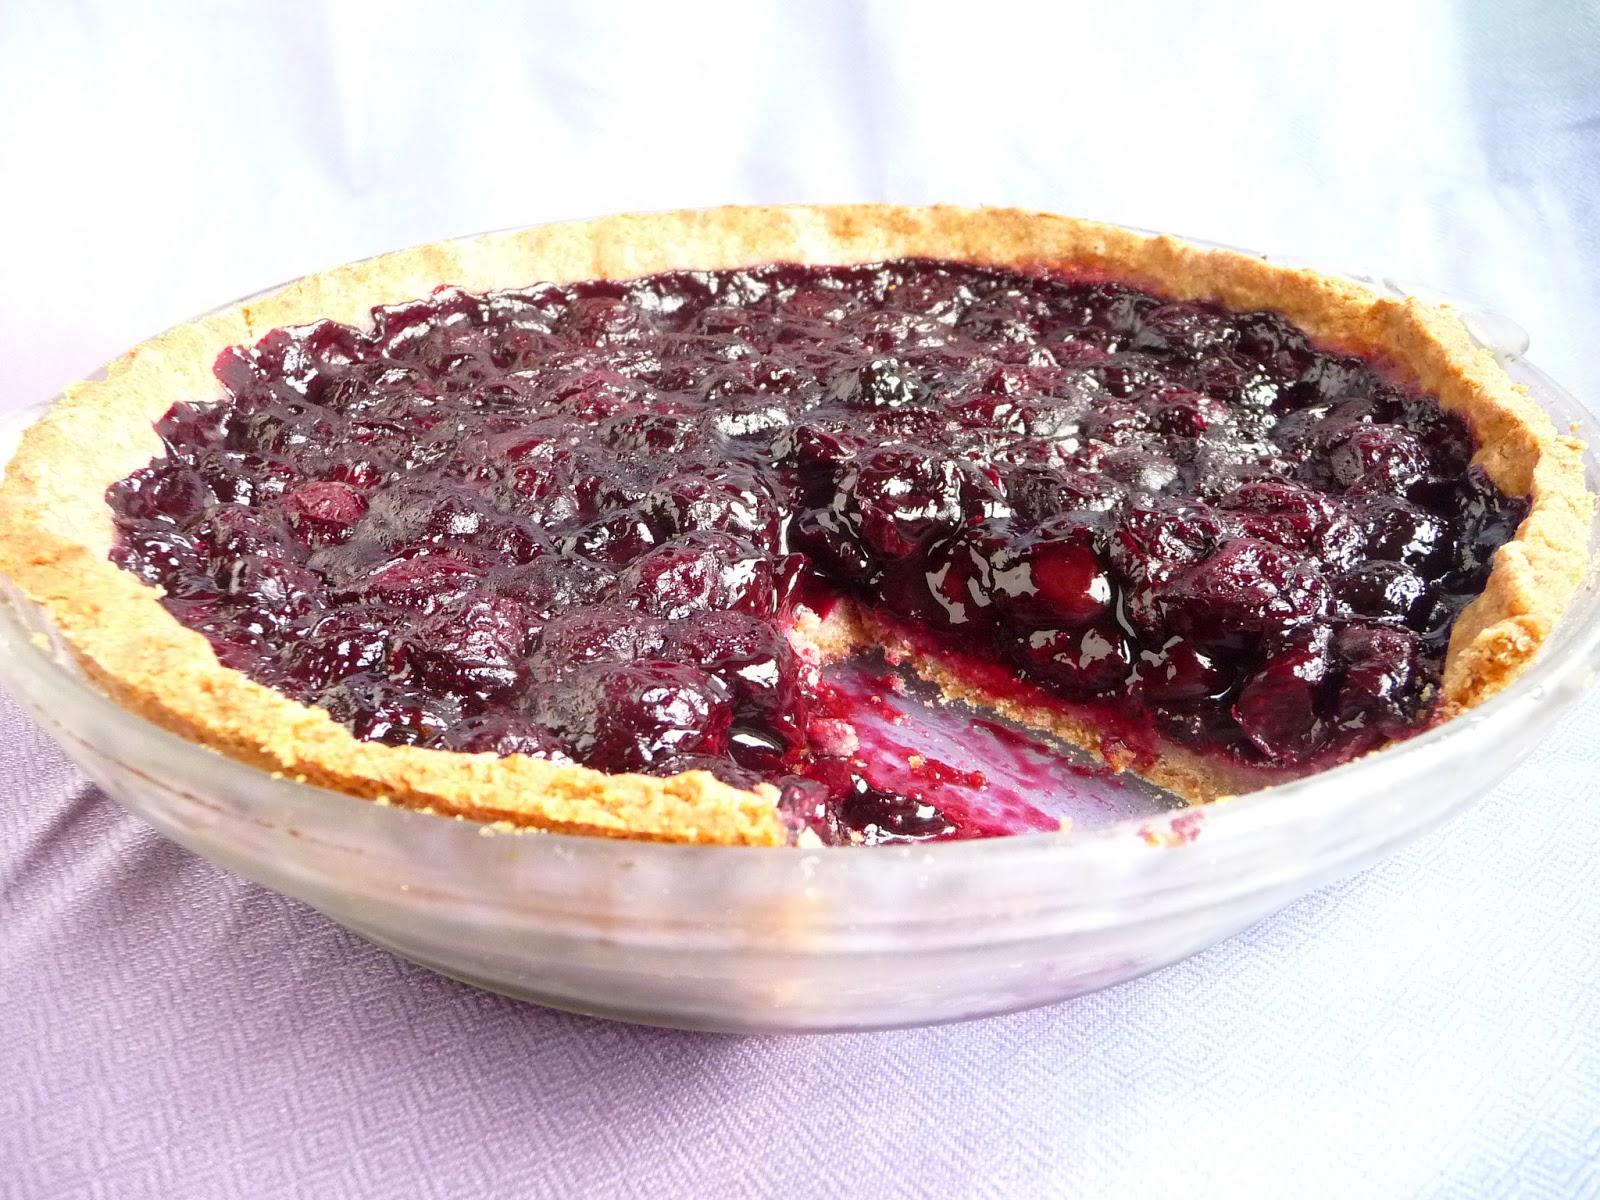 ... Cherry Pie With My Favorite Pie Crust (Gluten-Free, Sugar-Free, Vegan